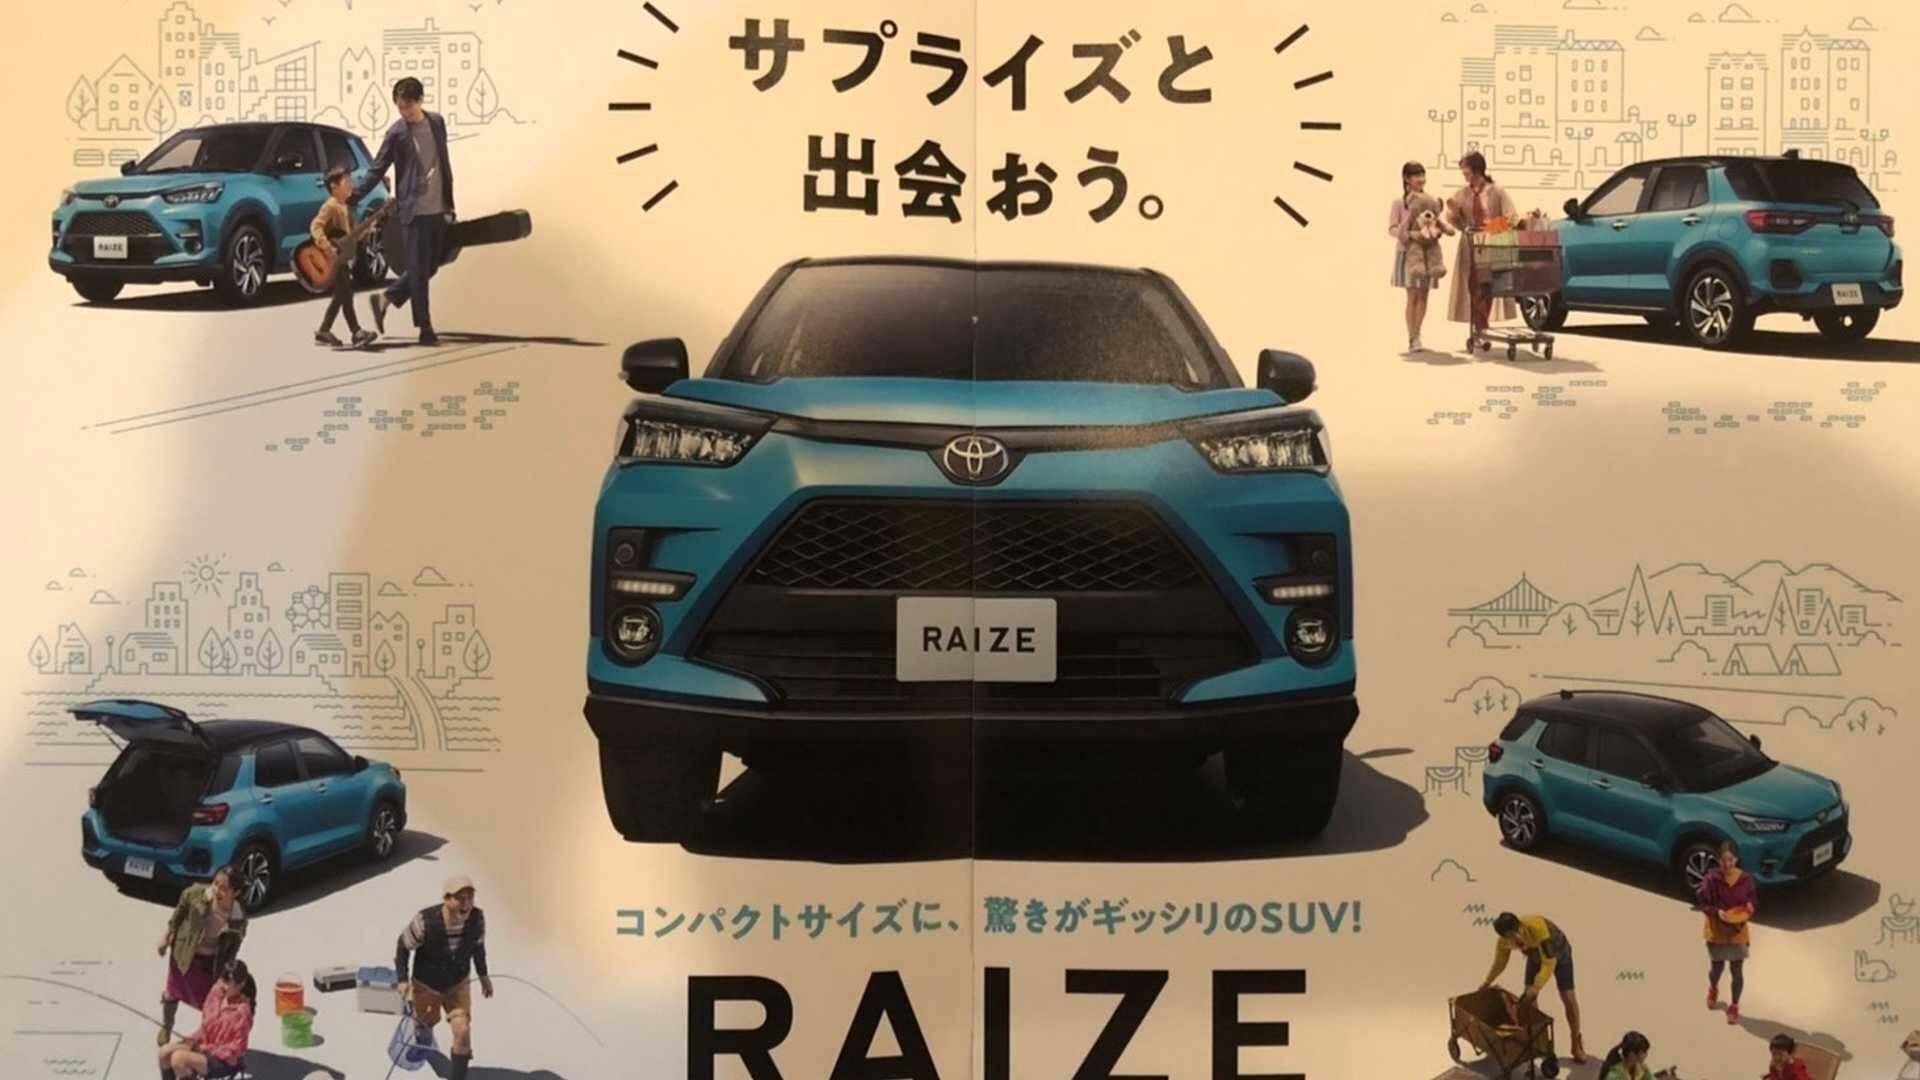 Vazam Fotos Do Novo Suv Da Toyota Que Deve Ser Feito No Brasil A Partir De 2021 O Bom Da Noticia